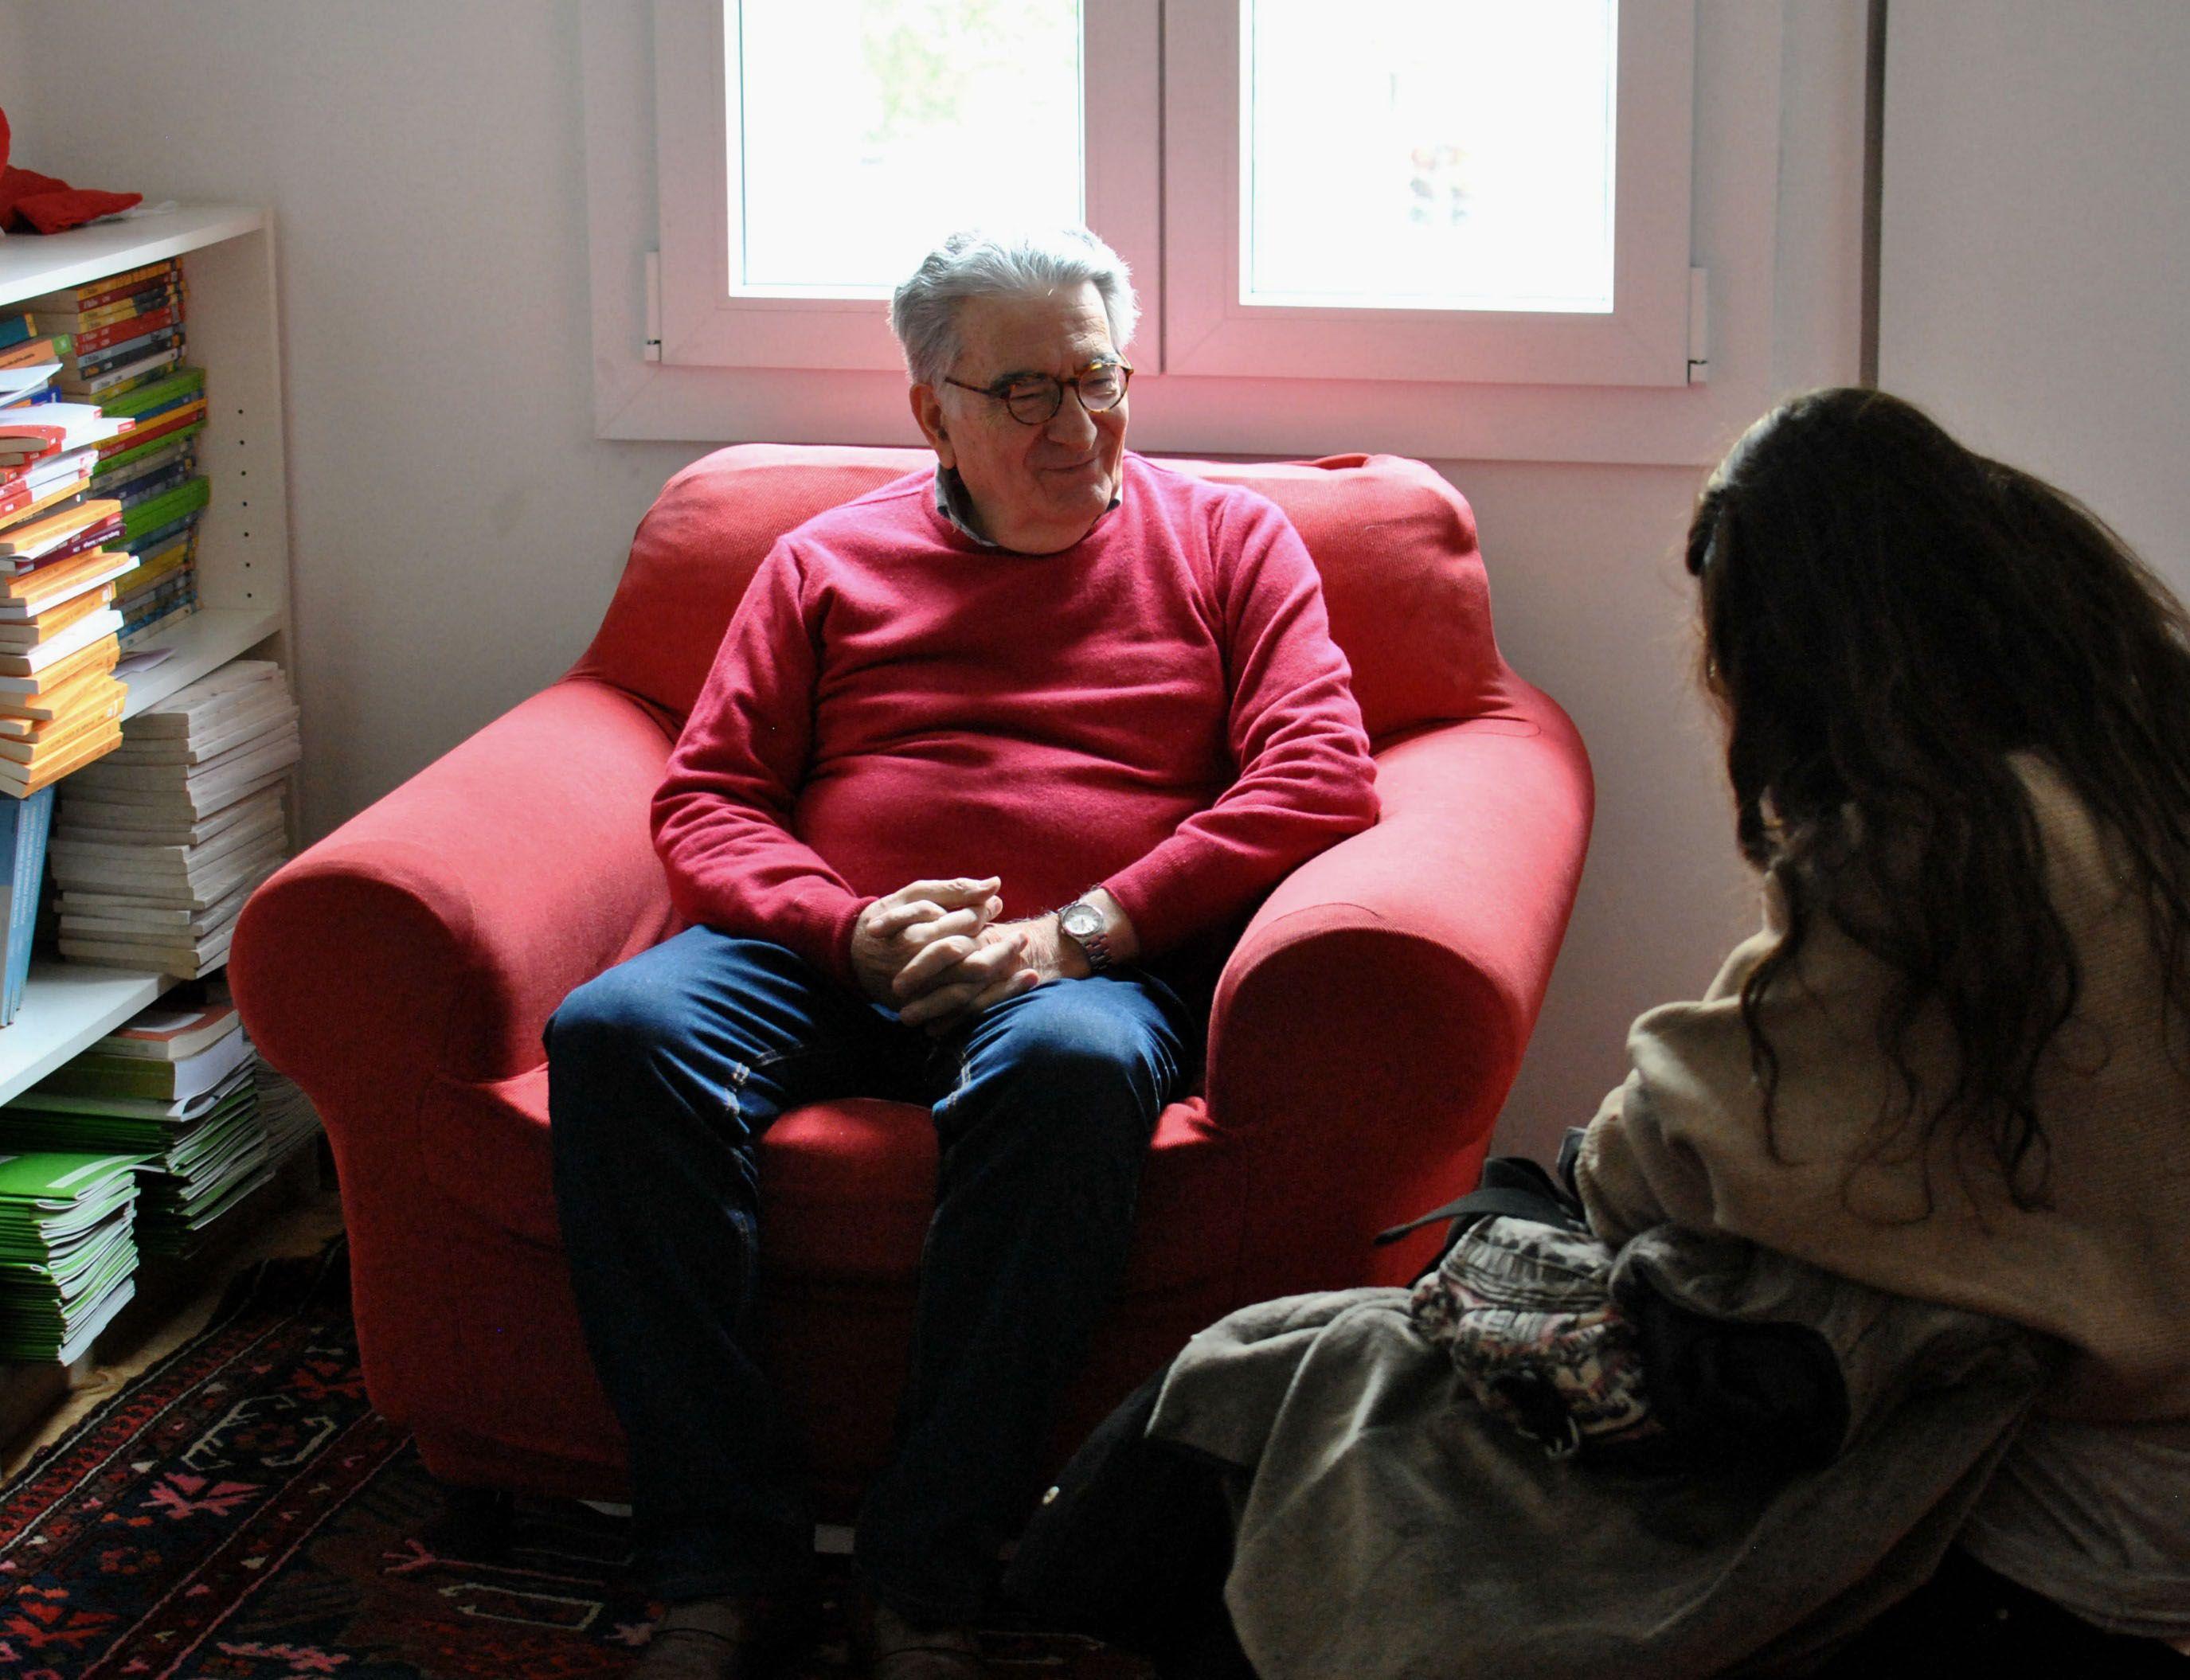 Mano a mano. Gianfranco Pasquino en charla con Más en su reducto